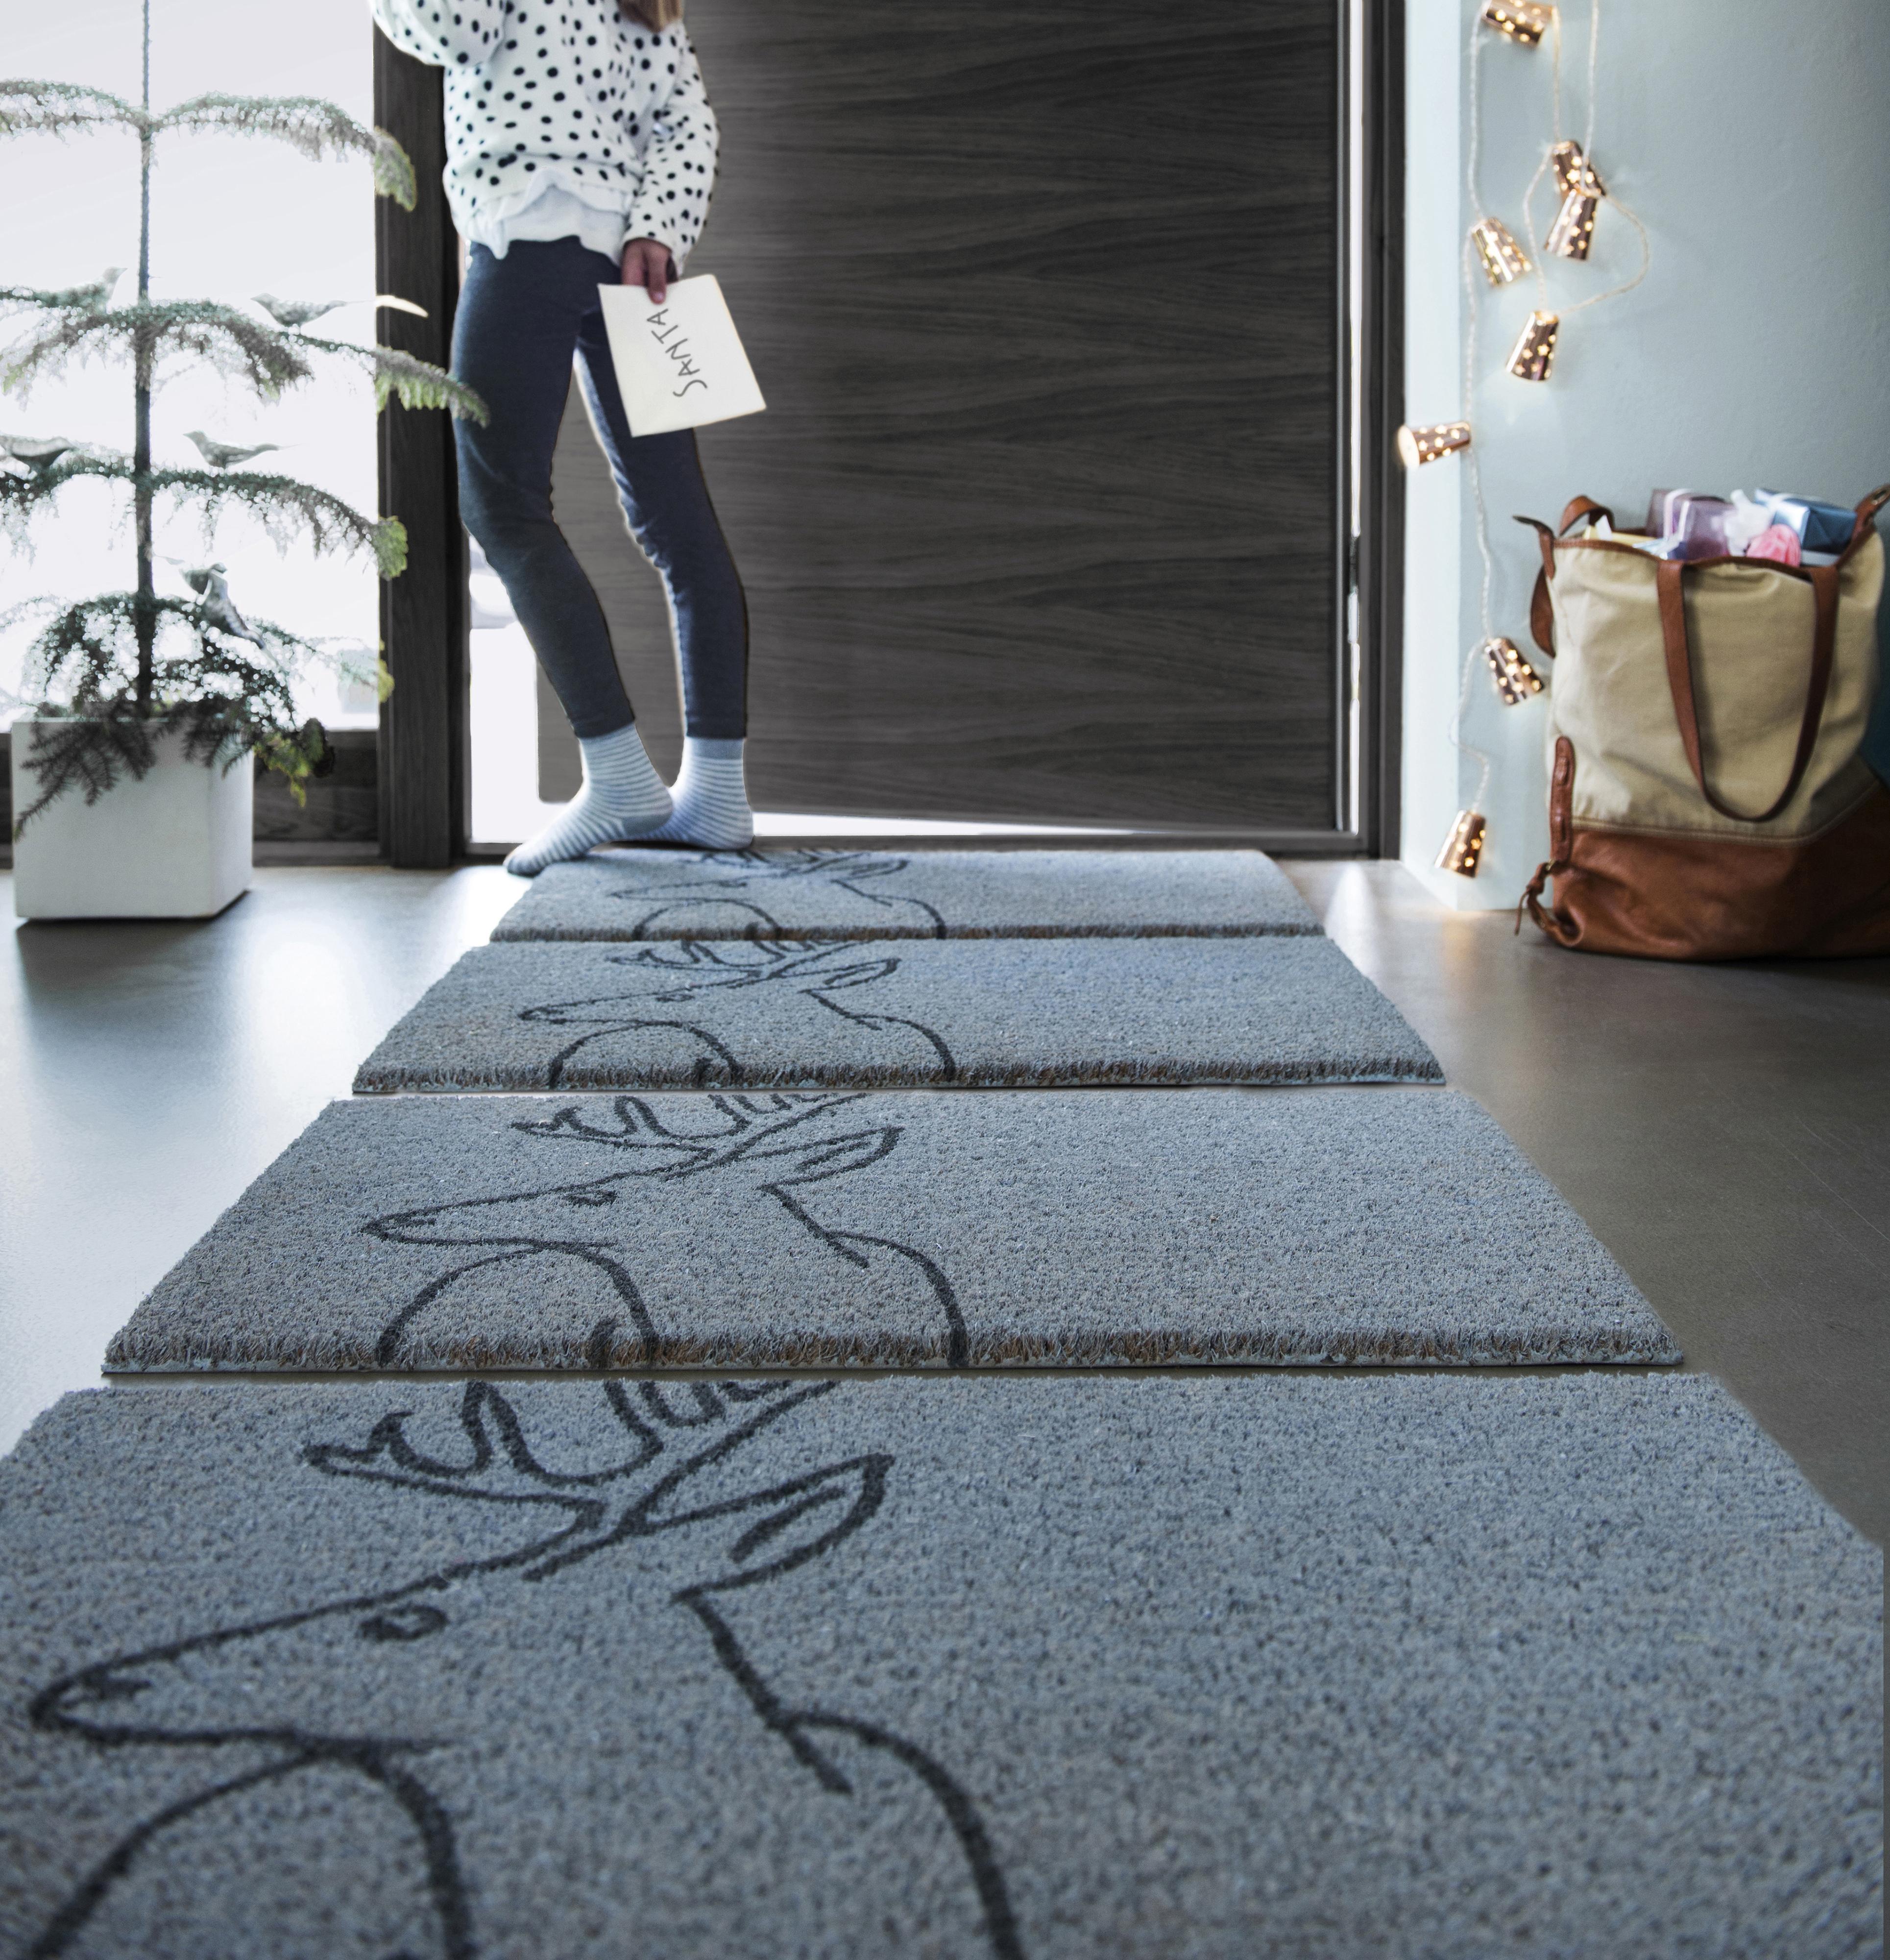 Fußmatte-Hirsch-IKEA